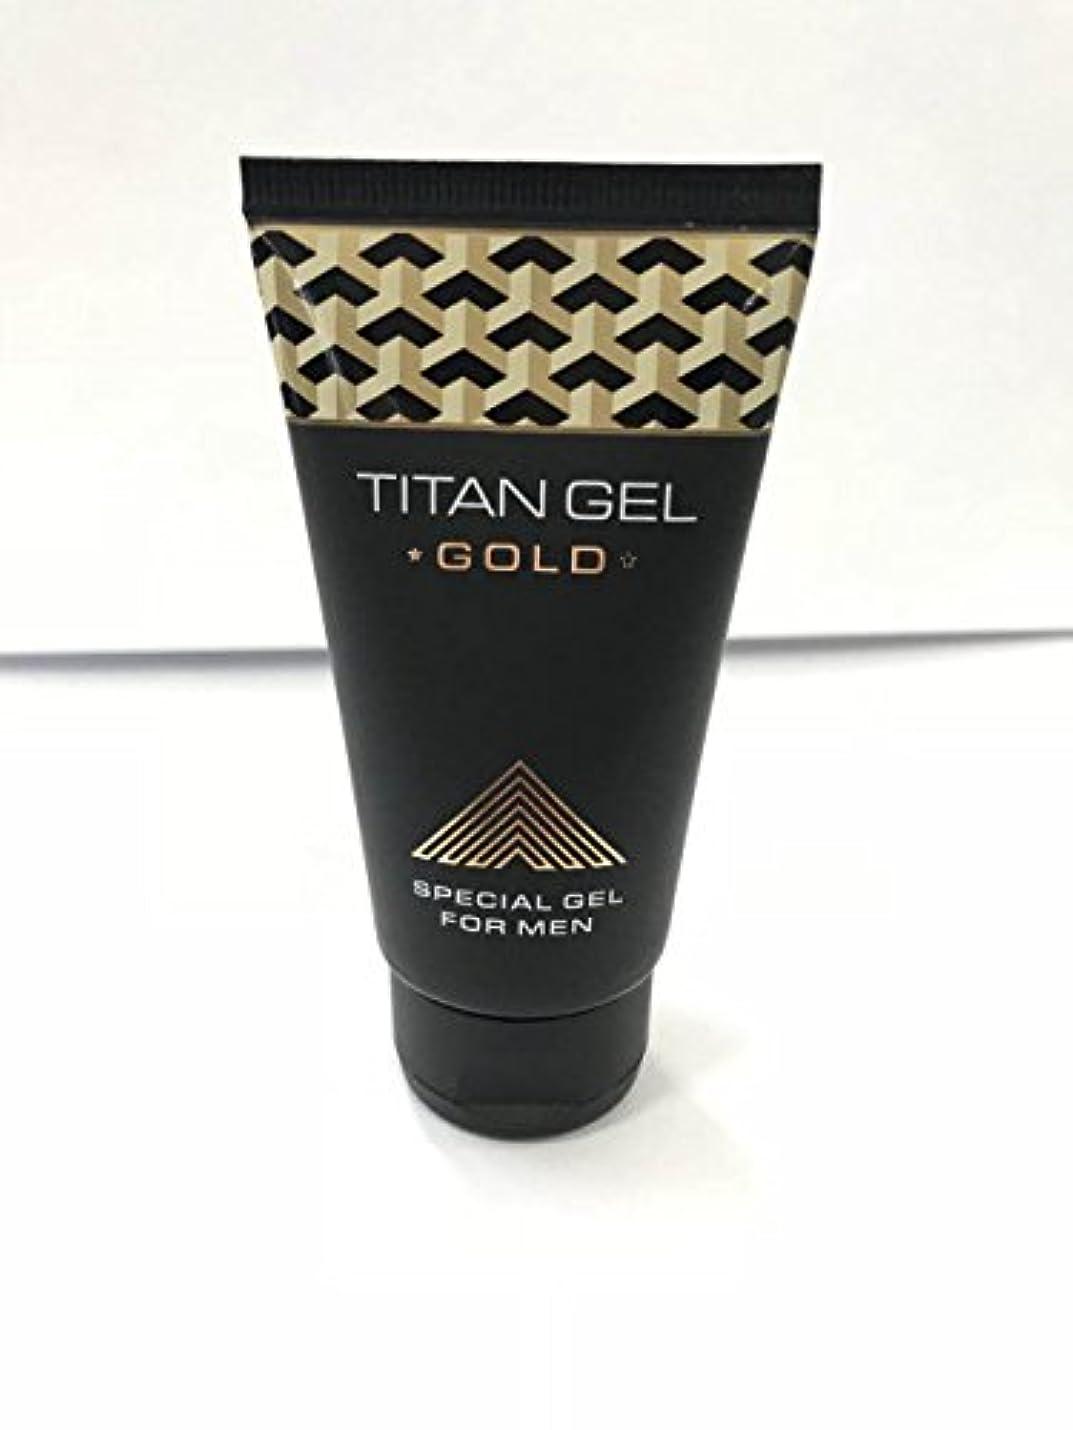 機械的シーサイド好奇心盛タイタンジェル ゴールド Titan gel Gold 50ml 4箱セット 日本語説明付き [並行輸入品]